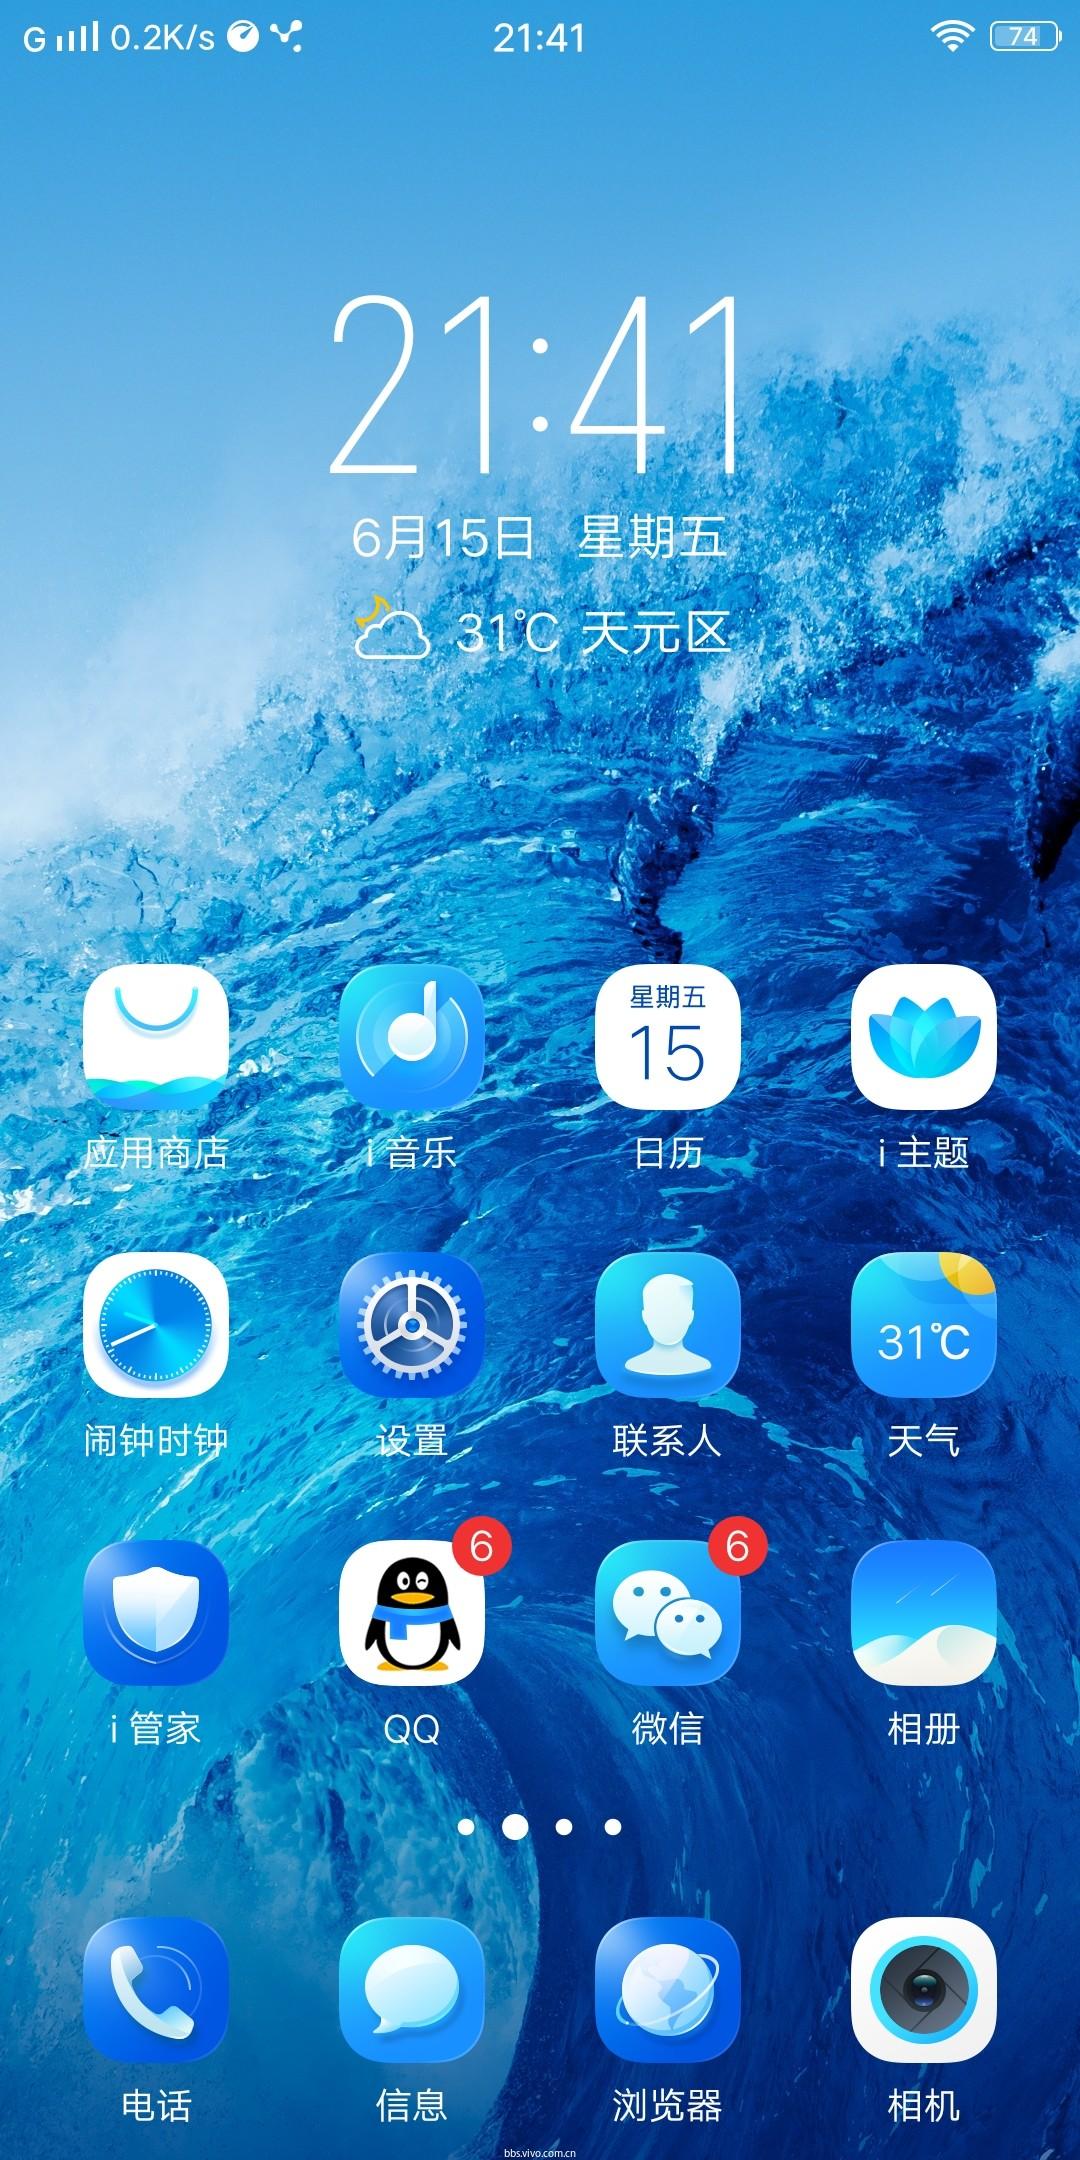 Screenshot_20180615_214102.jpg